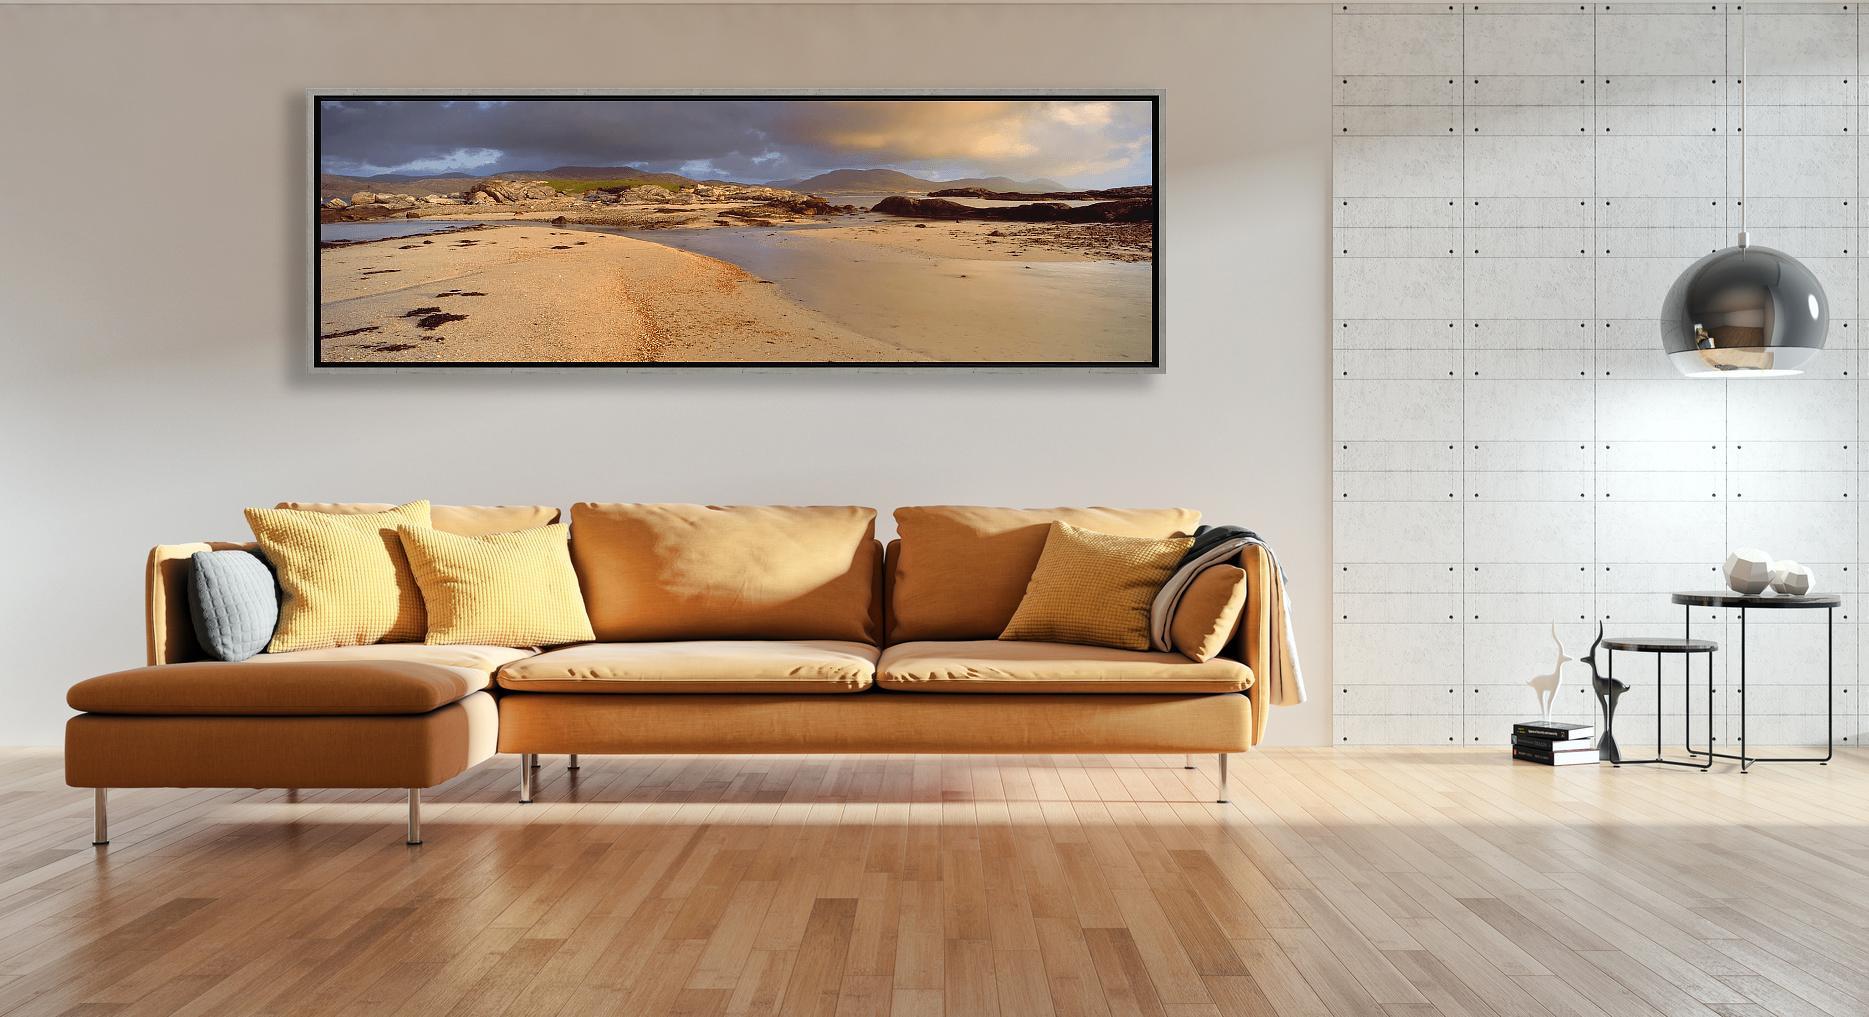 Suche Wandbild Fur Wohnzimmer u2013 eyesopen - wandbilder wohnzimmer ideen